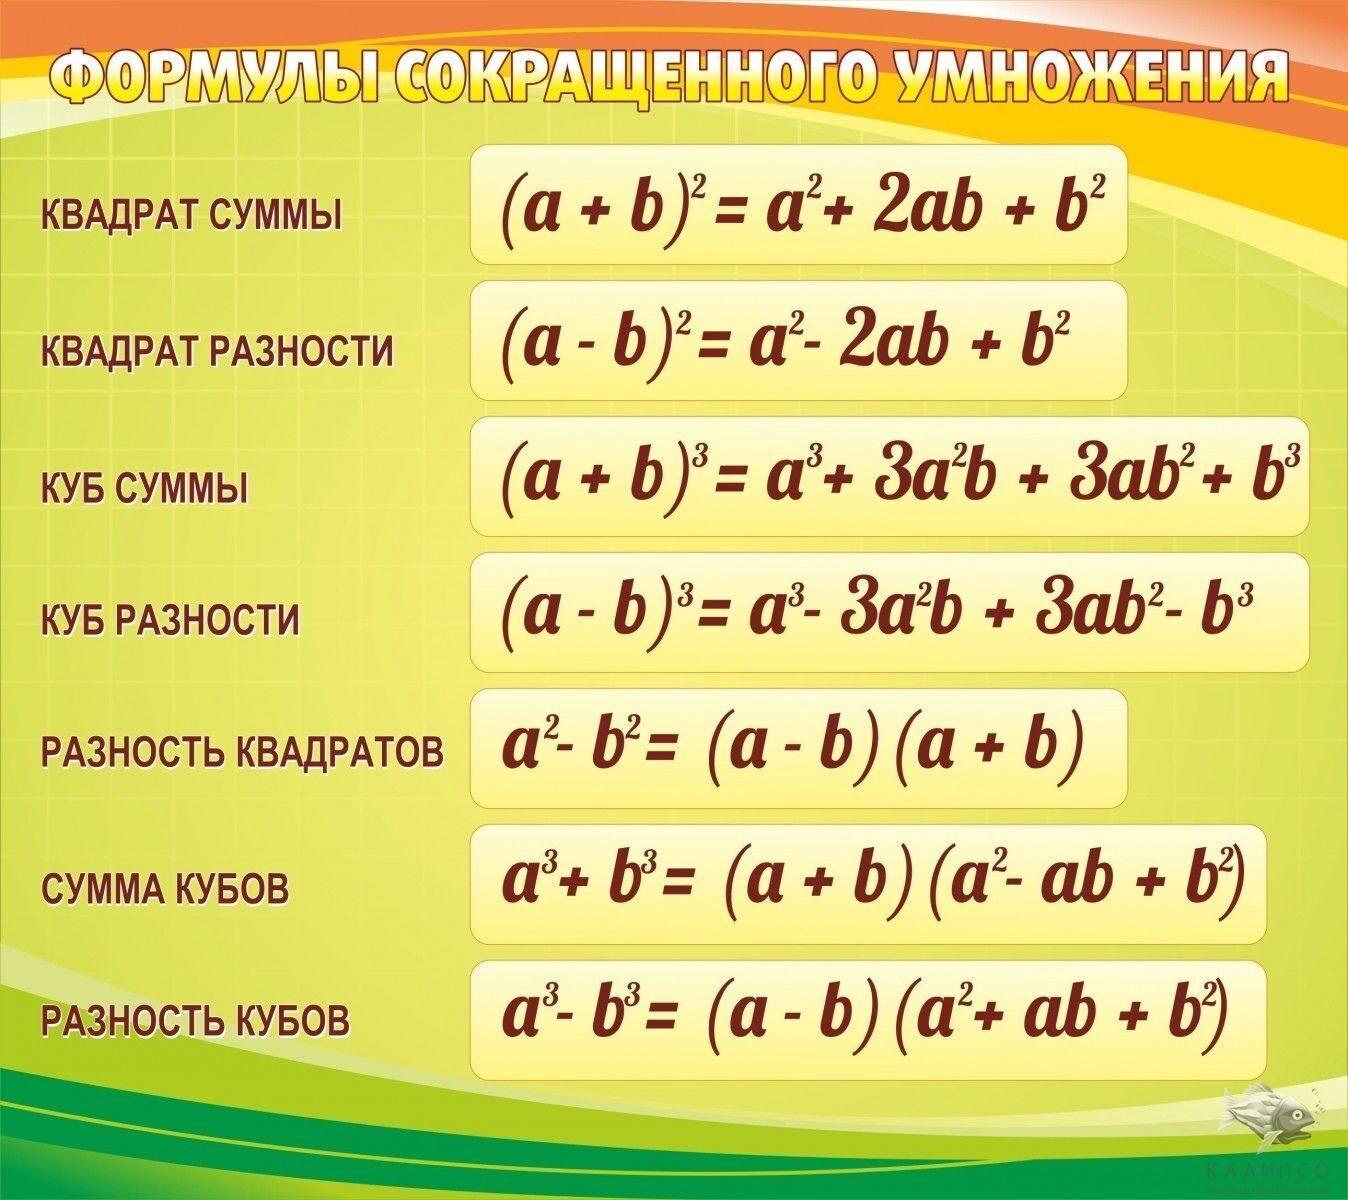 стихи формулы сокращенного умножения предназначение резервирование